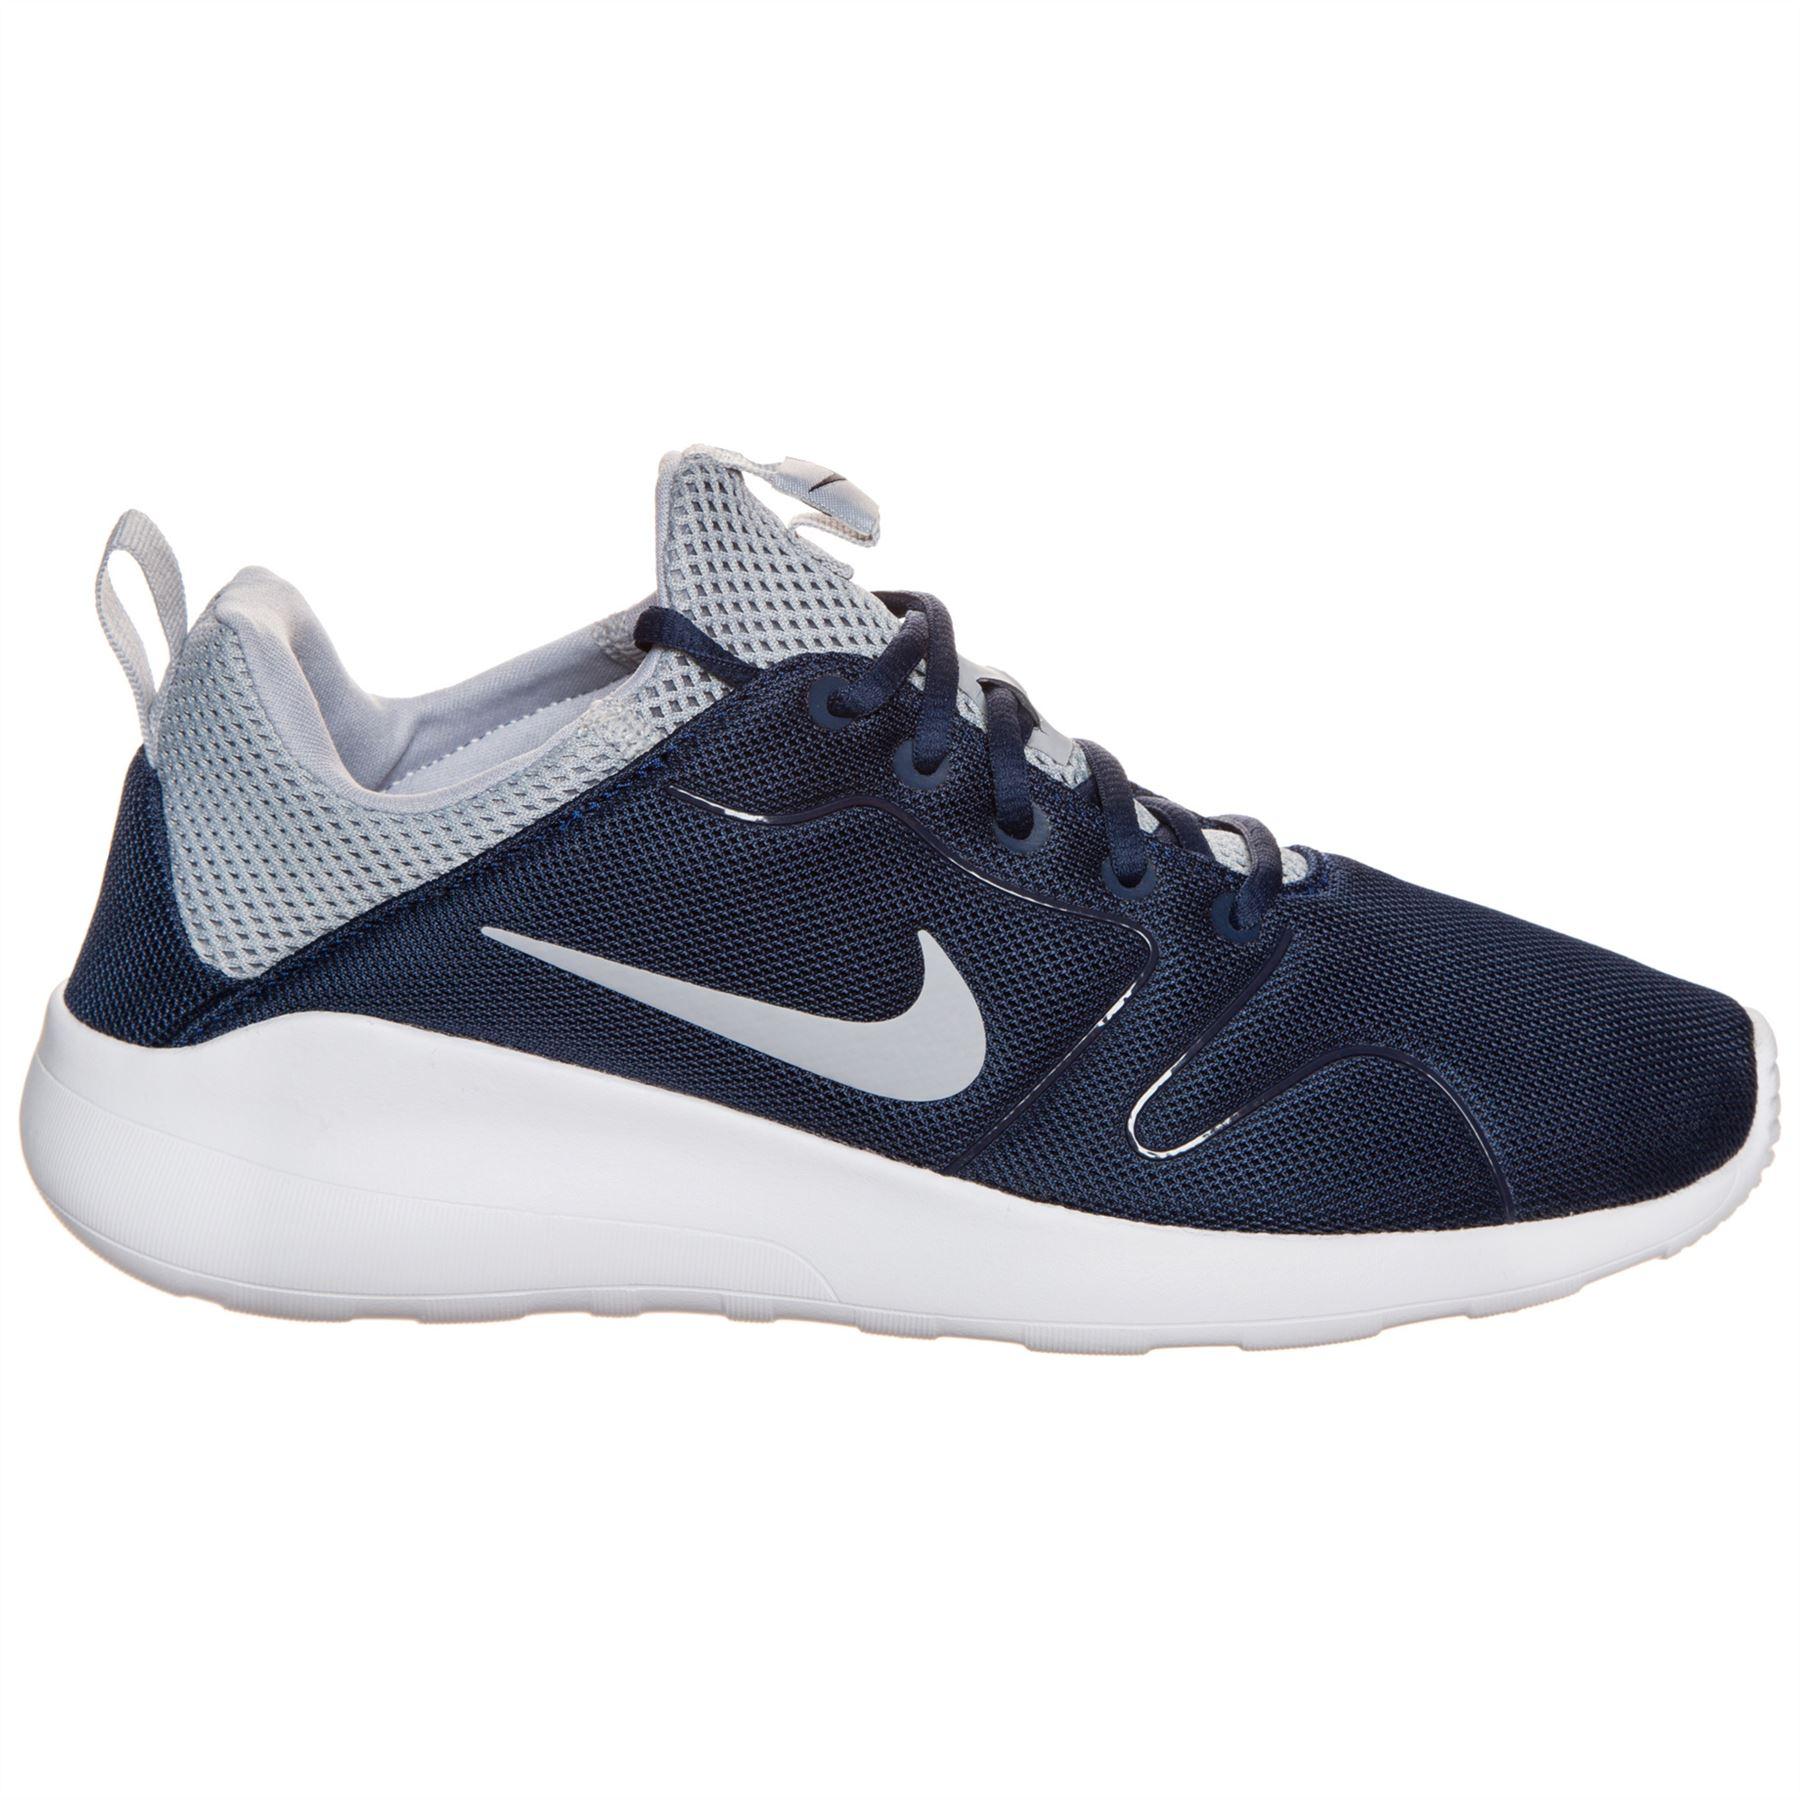 Nike free run 2 men's all white roshe